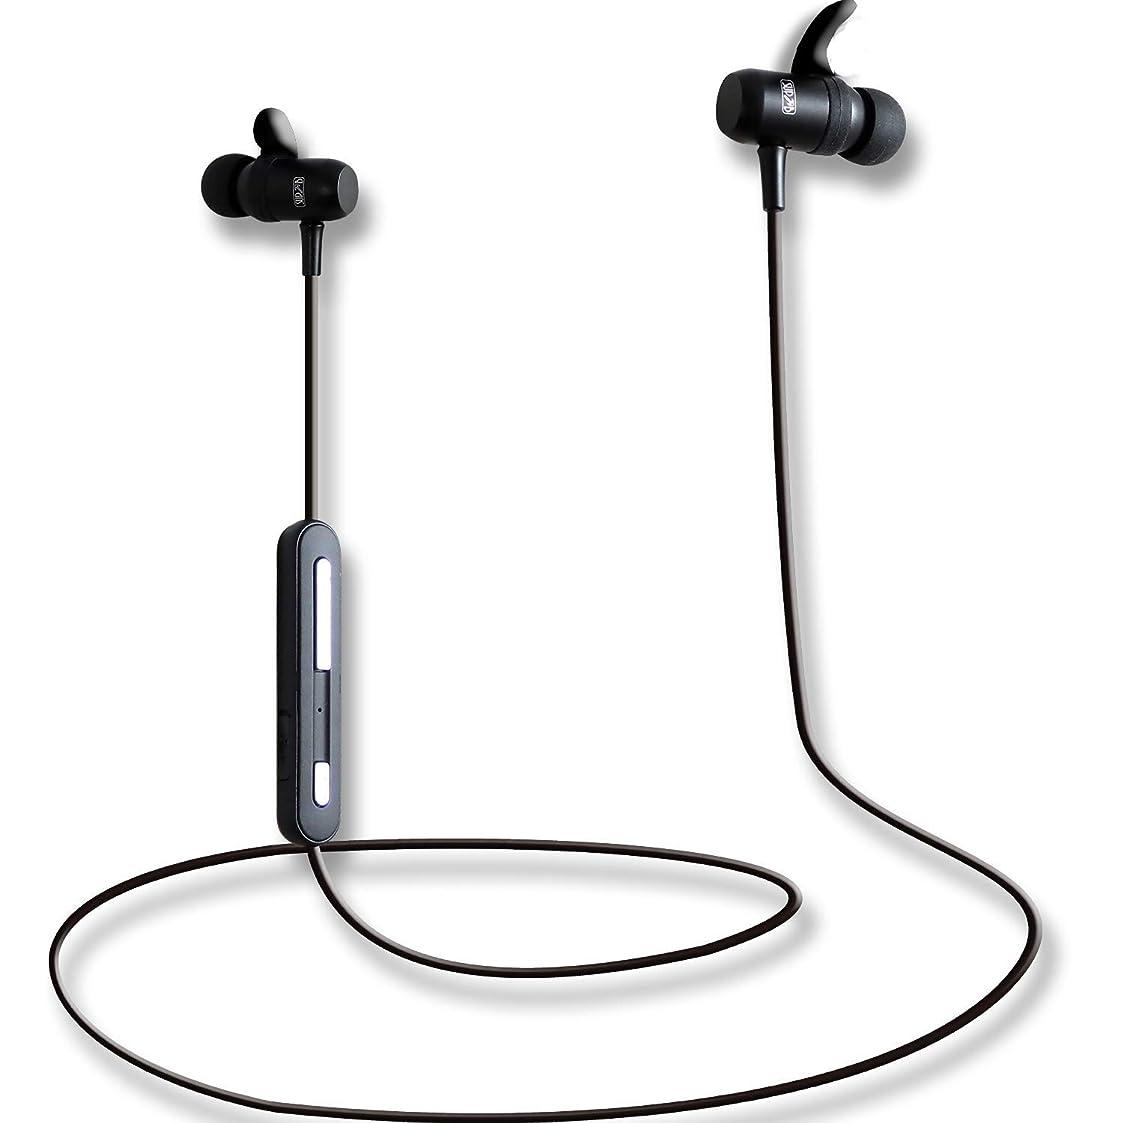 翻訳まろやかなによると【防水(IPX7)×重低音】イヤホン SUP-B(スパーブ) GorillaBass Bluetooth (iPhone/Android 対応) マイク 付き ノイズキャンセリング マグネット (APT-X/AAC 対応) SUP-201EP-K ブラック